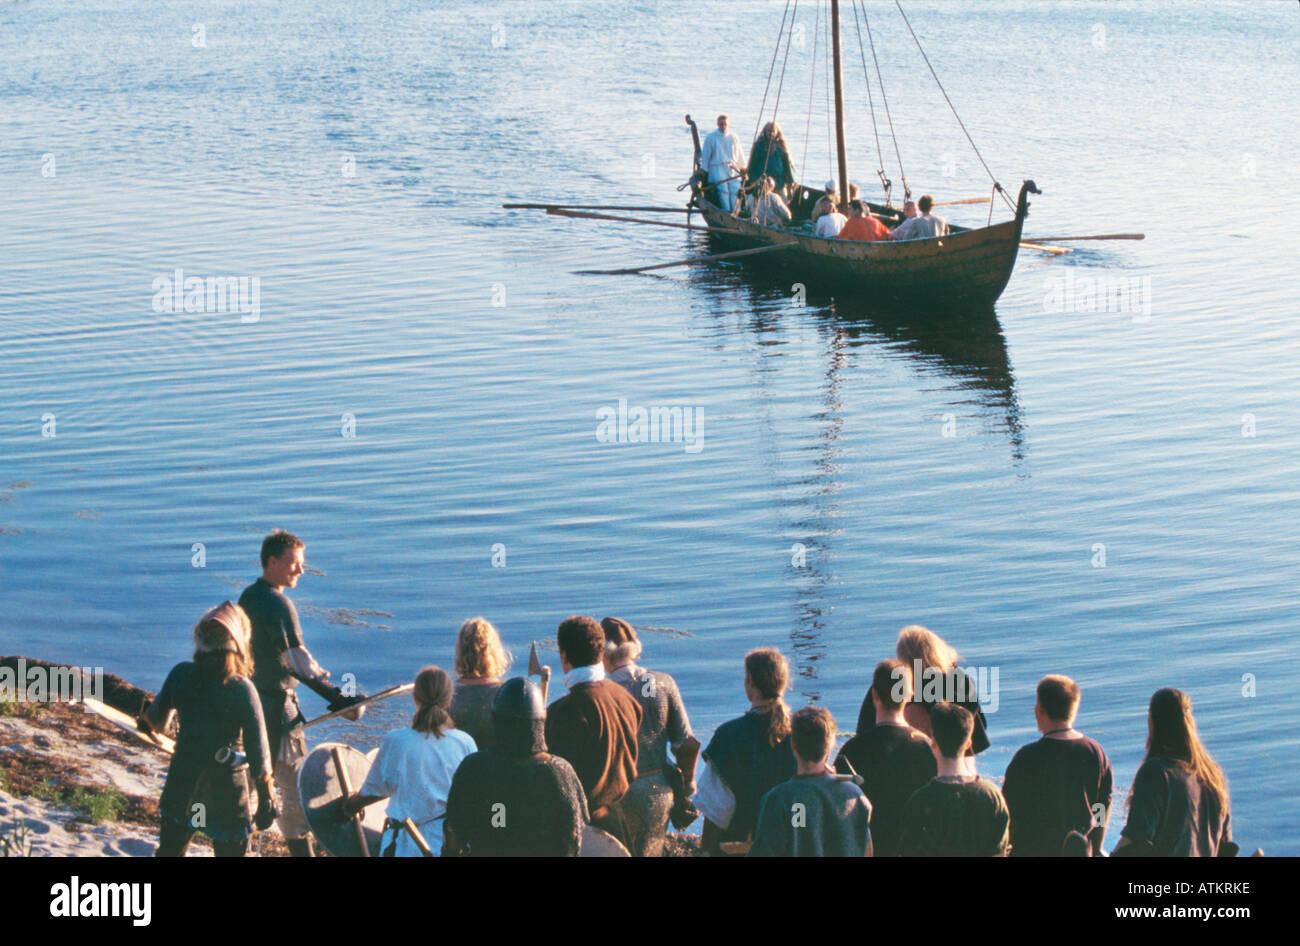 Vikings in longship approach shoreline. - Stock Image